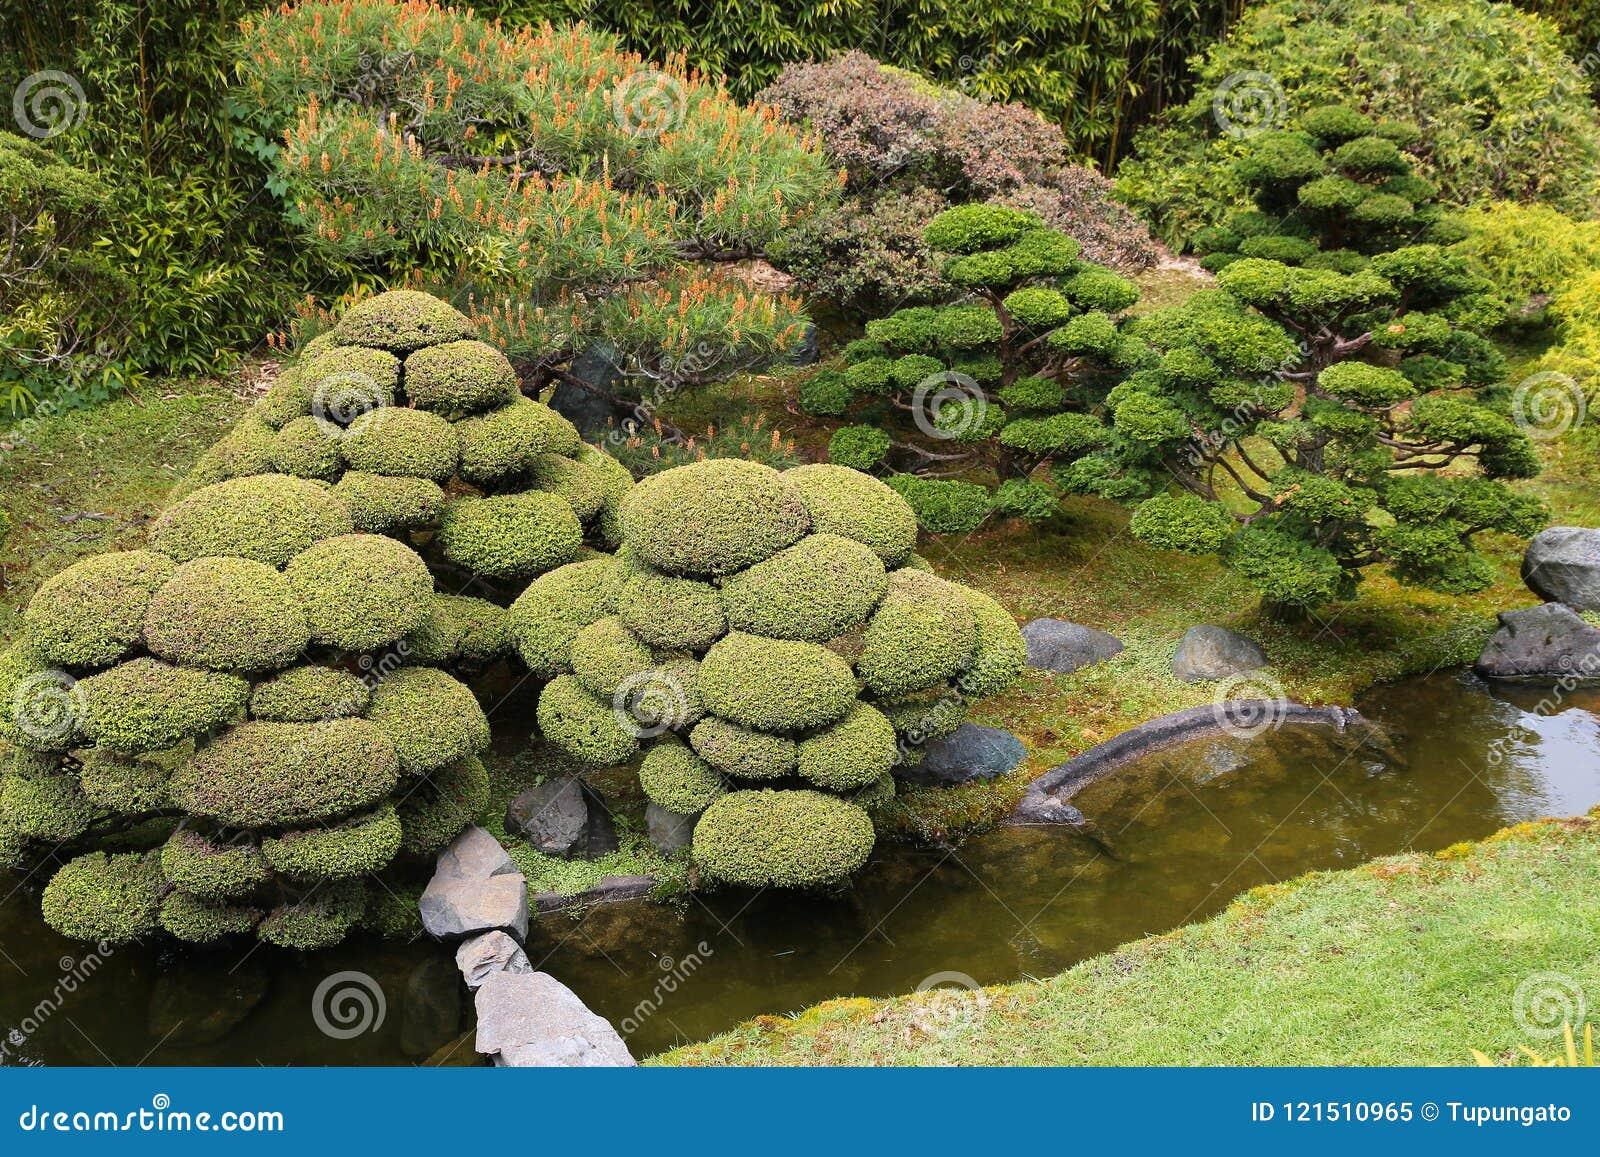 golden gate japanese garden - Japanese Garden San Francisco